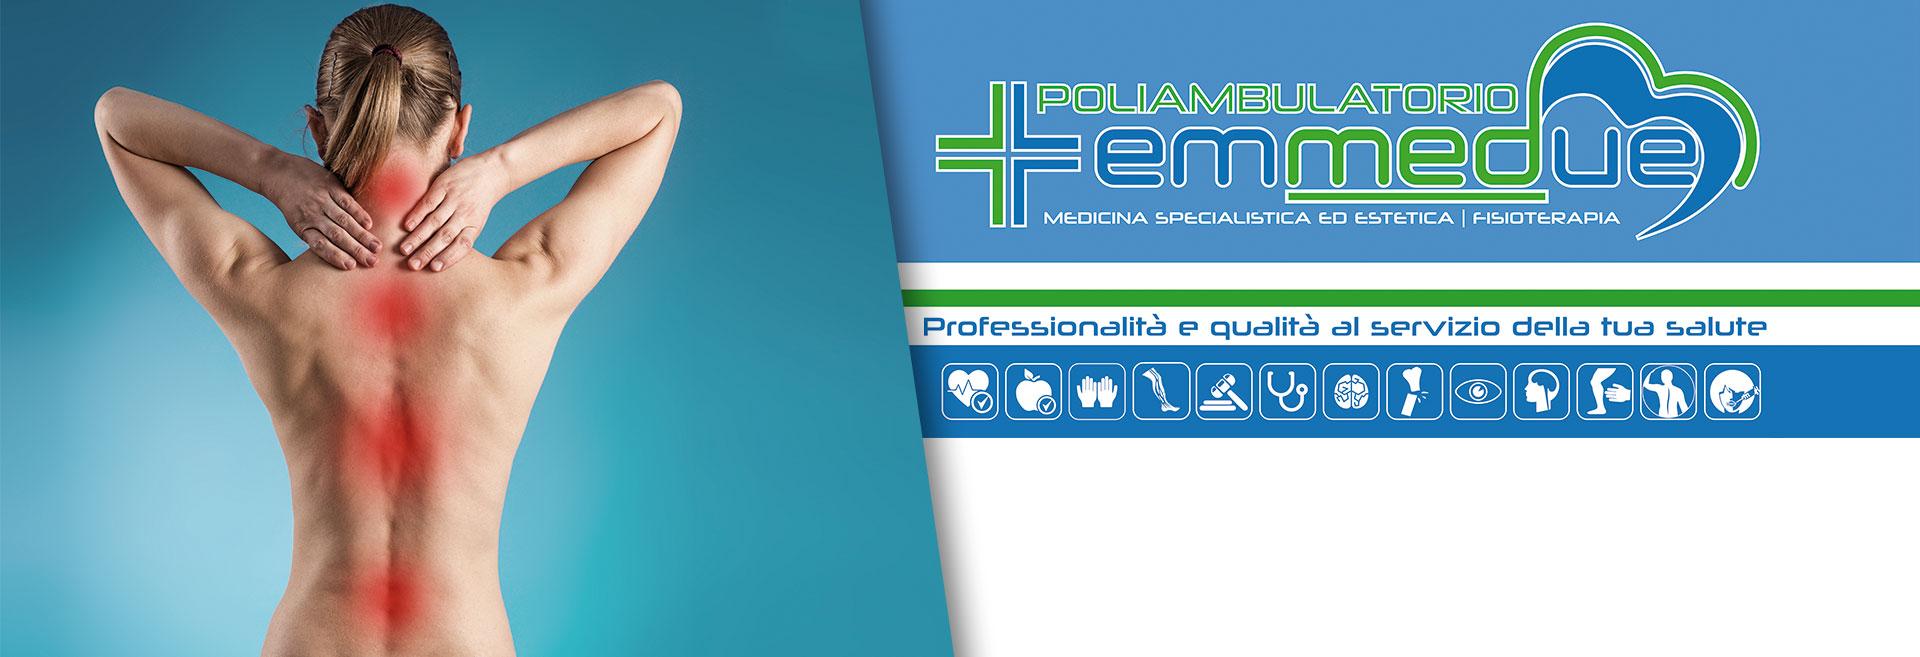 Programmi-terapeutici-1